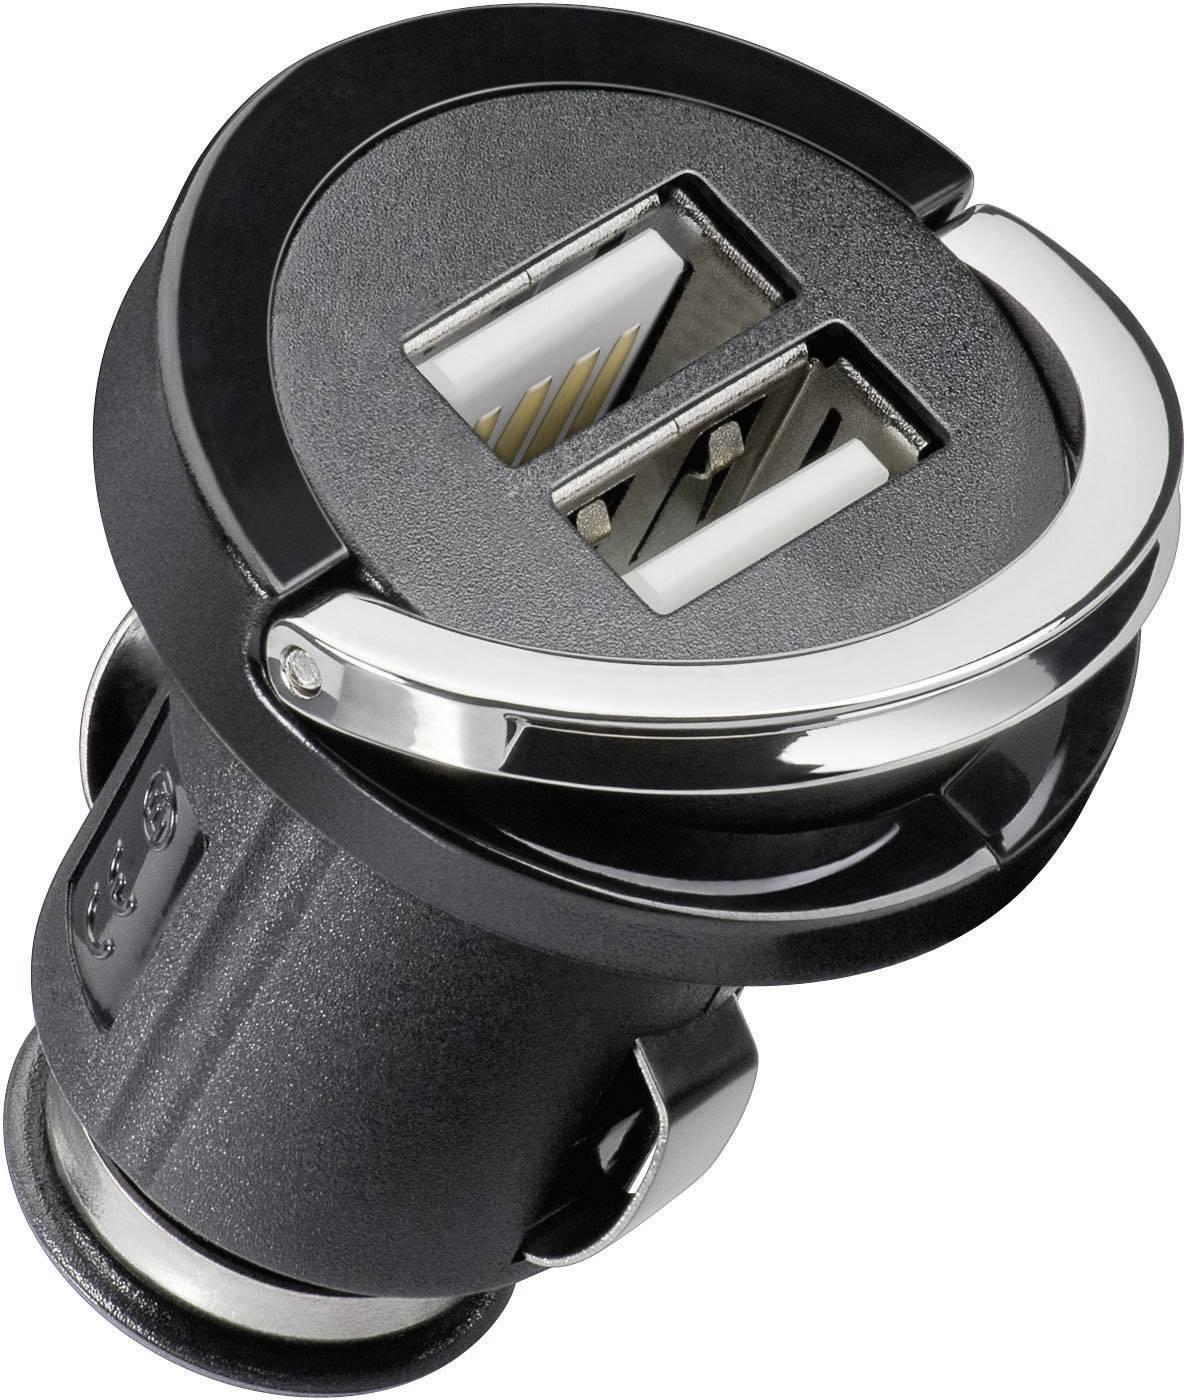 USB napájecí adaptér do autozásuvky 12 - 24 V Cabstone, 2x USB